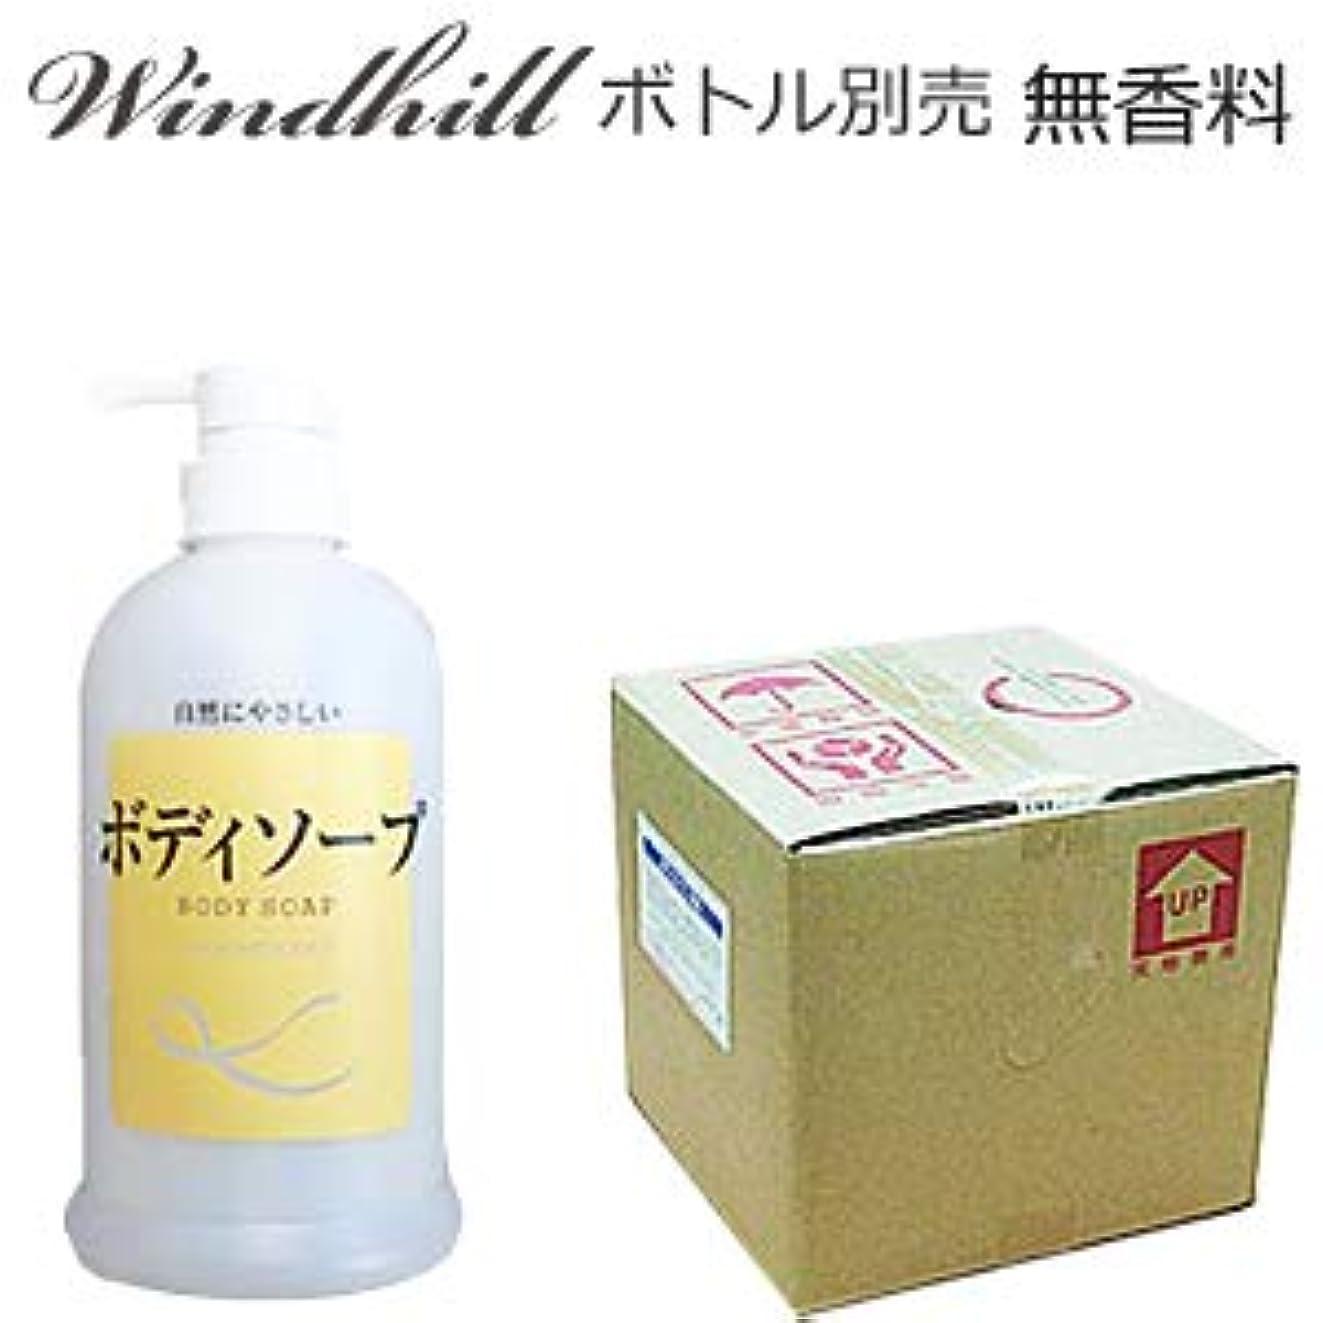 細胞施設弾薬Windhill 植物性 業務用ボディソープ 無香料 20L(1セット20L入)